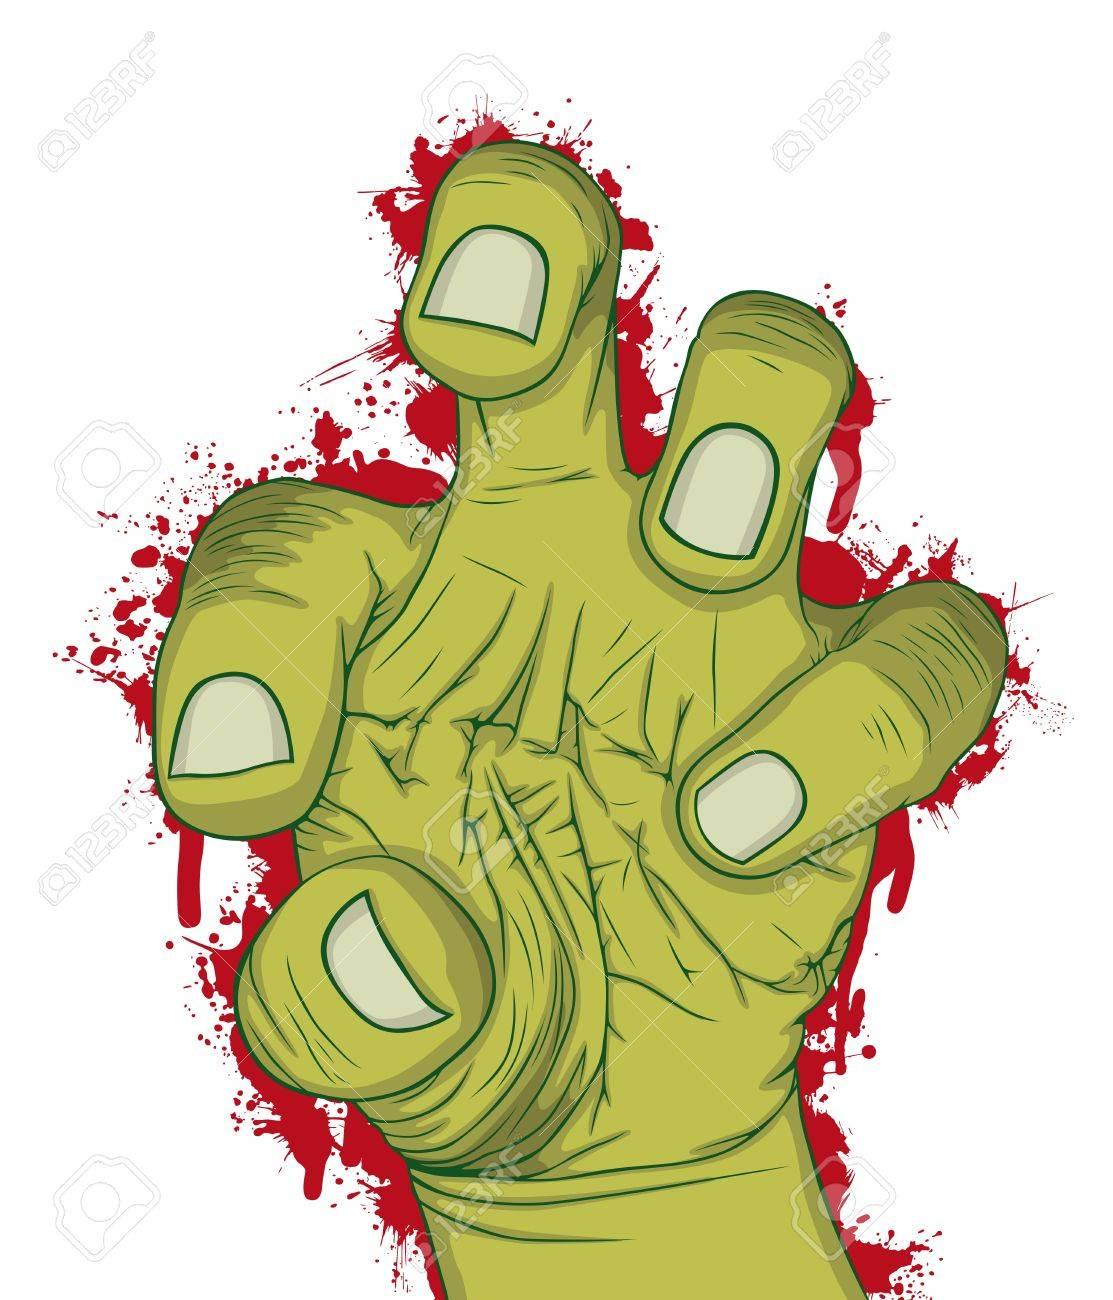 Hand of Zombie Vector